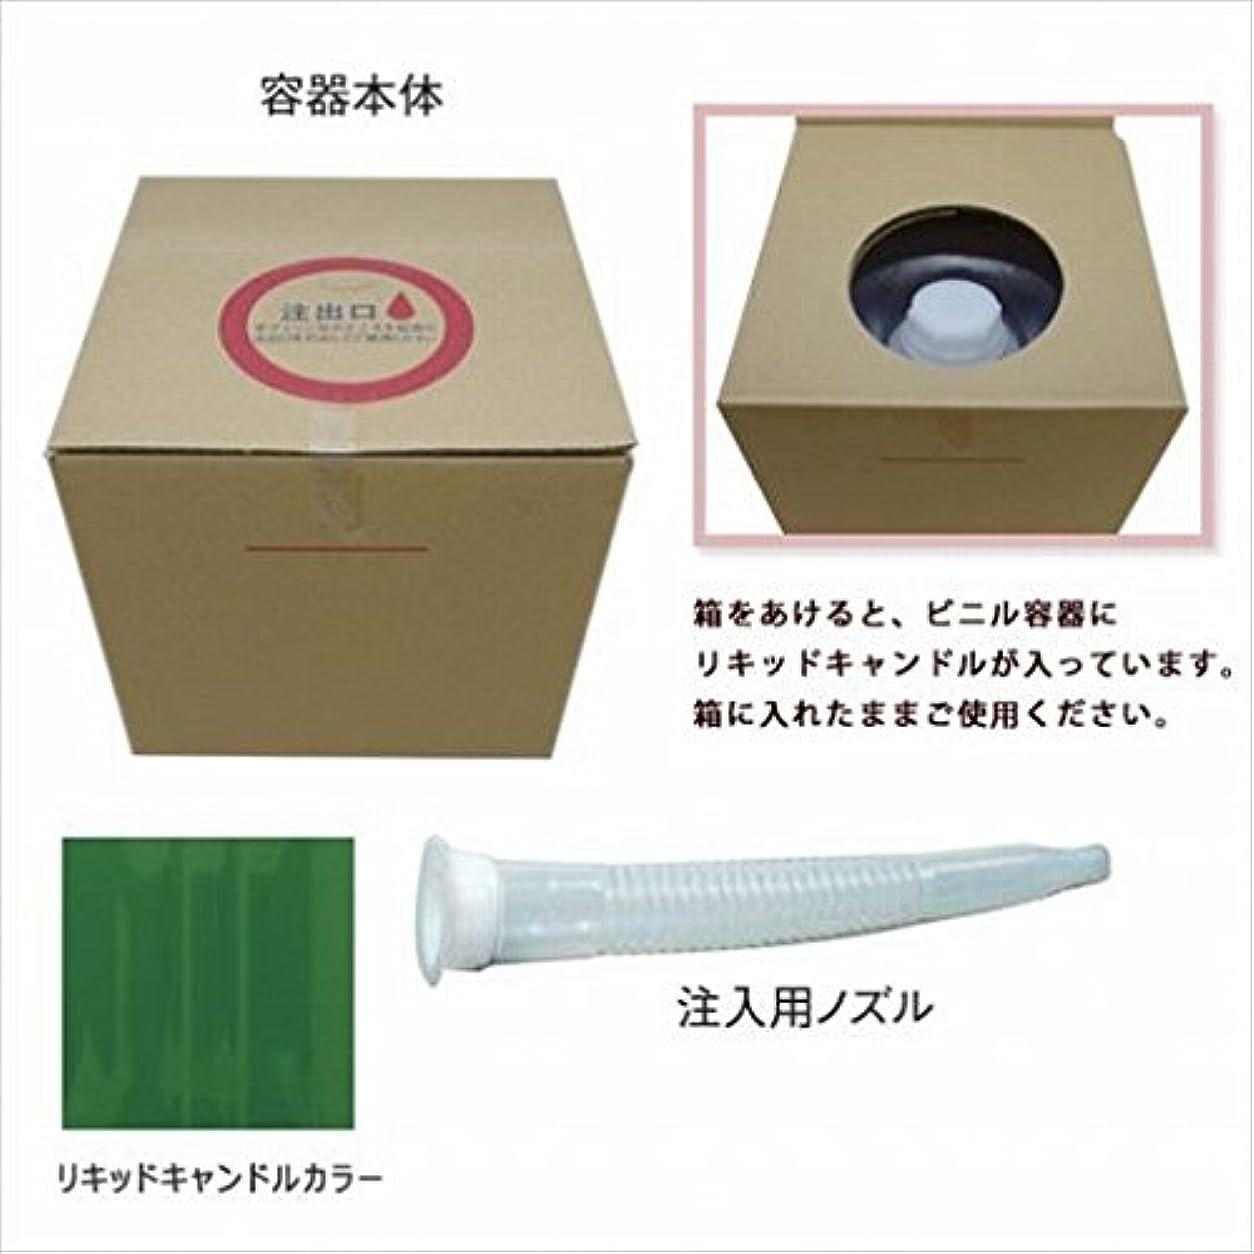 ひらめき拒絶する聖書カメヤマキャンドル(kameyama candle) リキッドキャンドル5リットル 「 グリーン 」